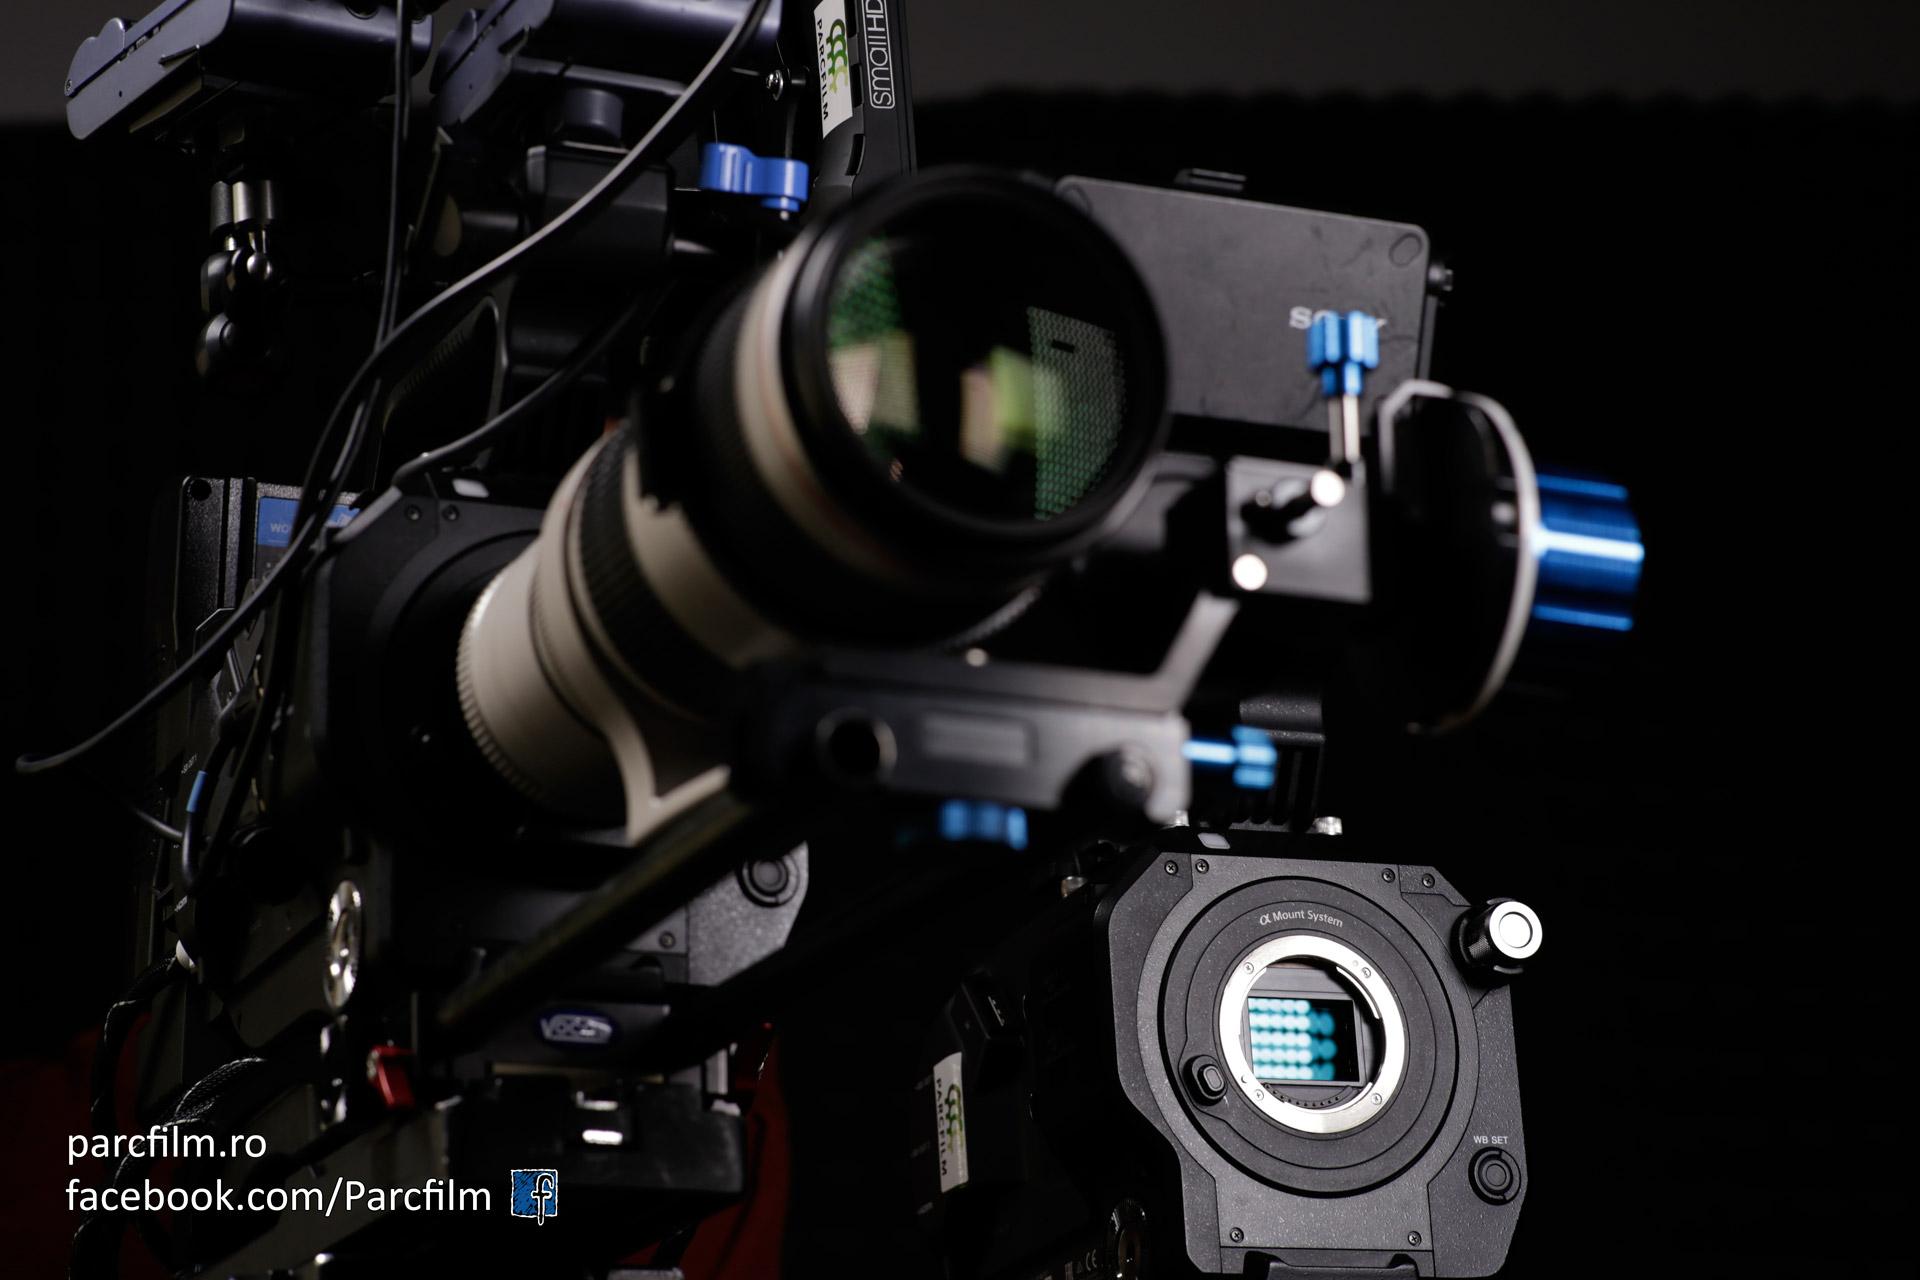 Echipamente video audio foto